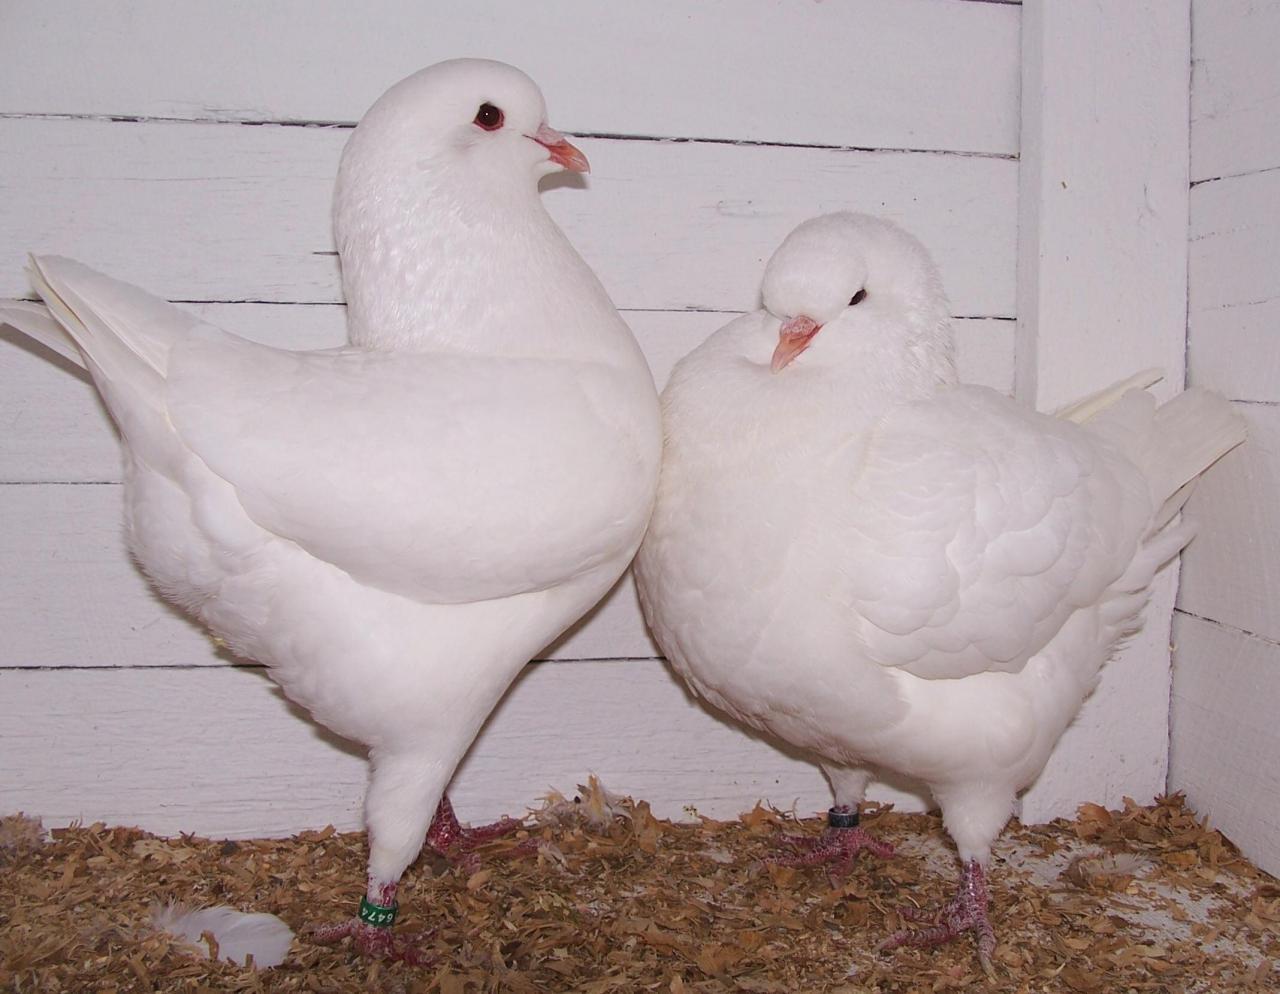 صور حمام طيور جميلة اجمل خلفيات طيور جارحة طيور جميلة 23